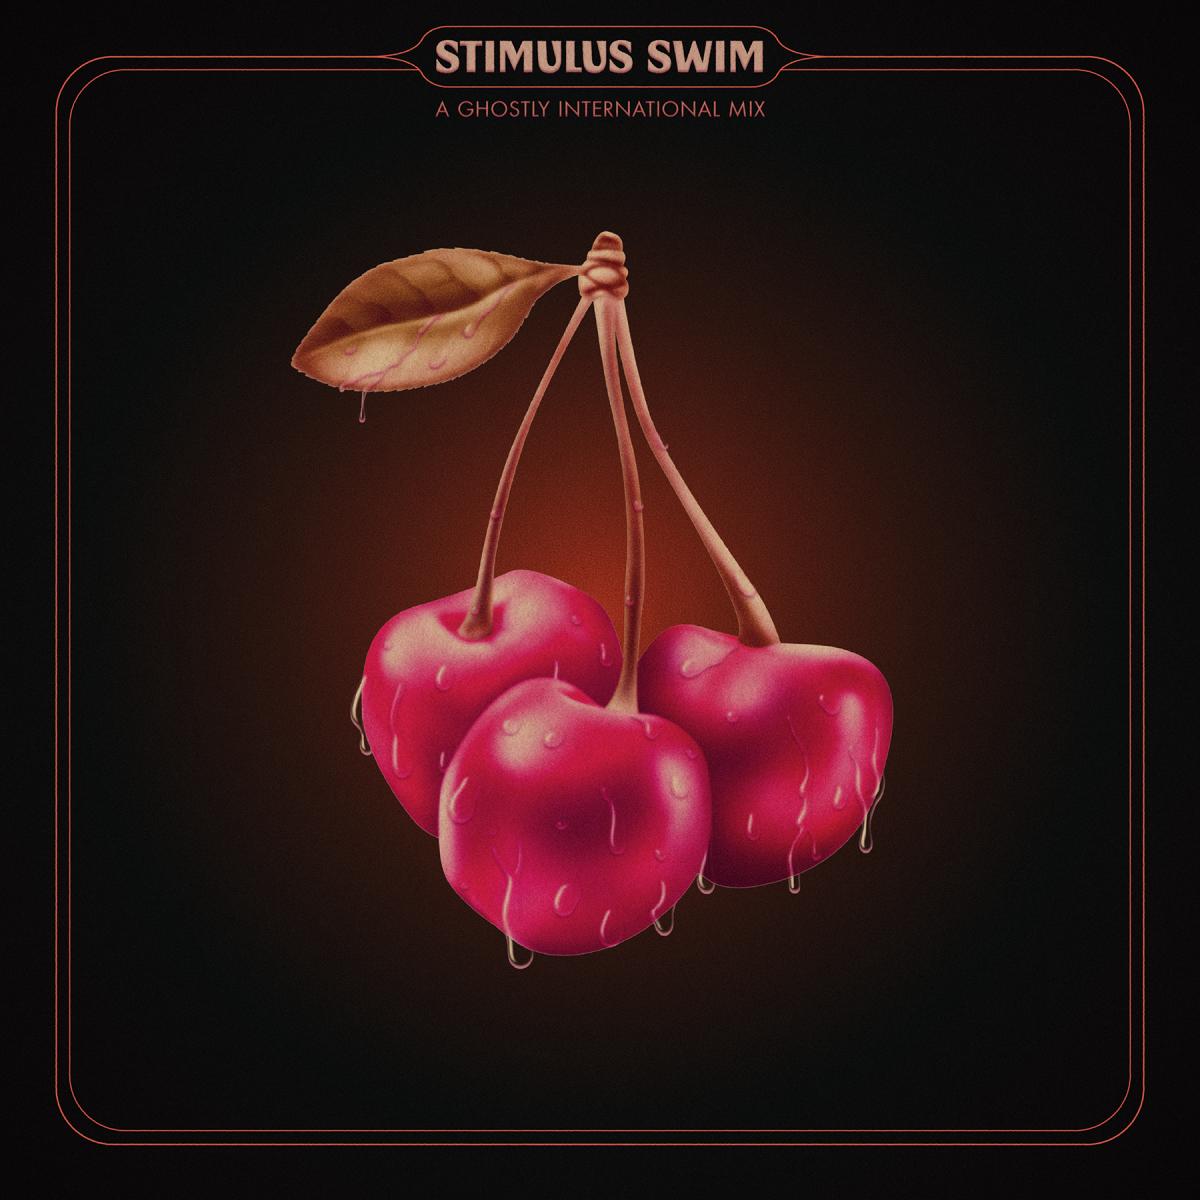 Ghostly Stimulus Swim